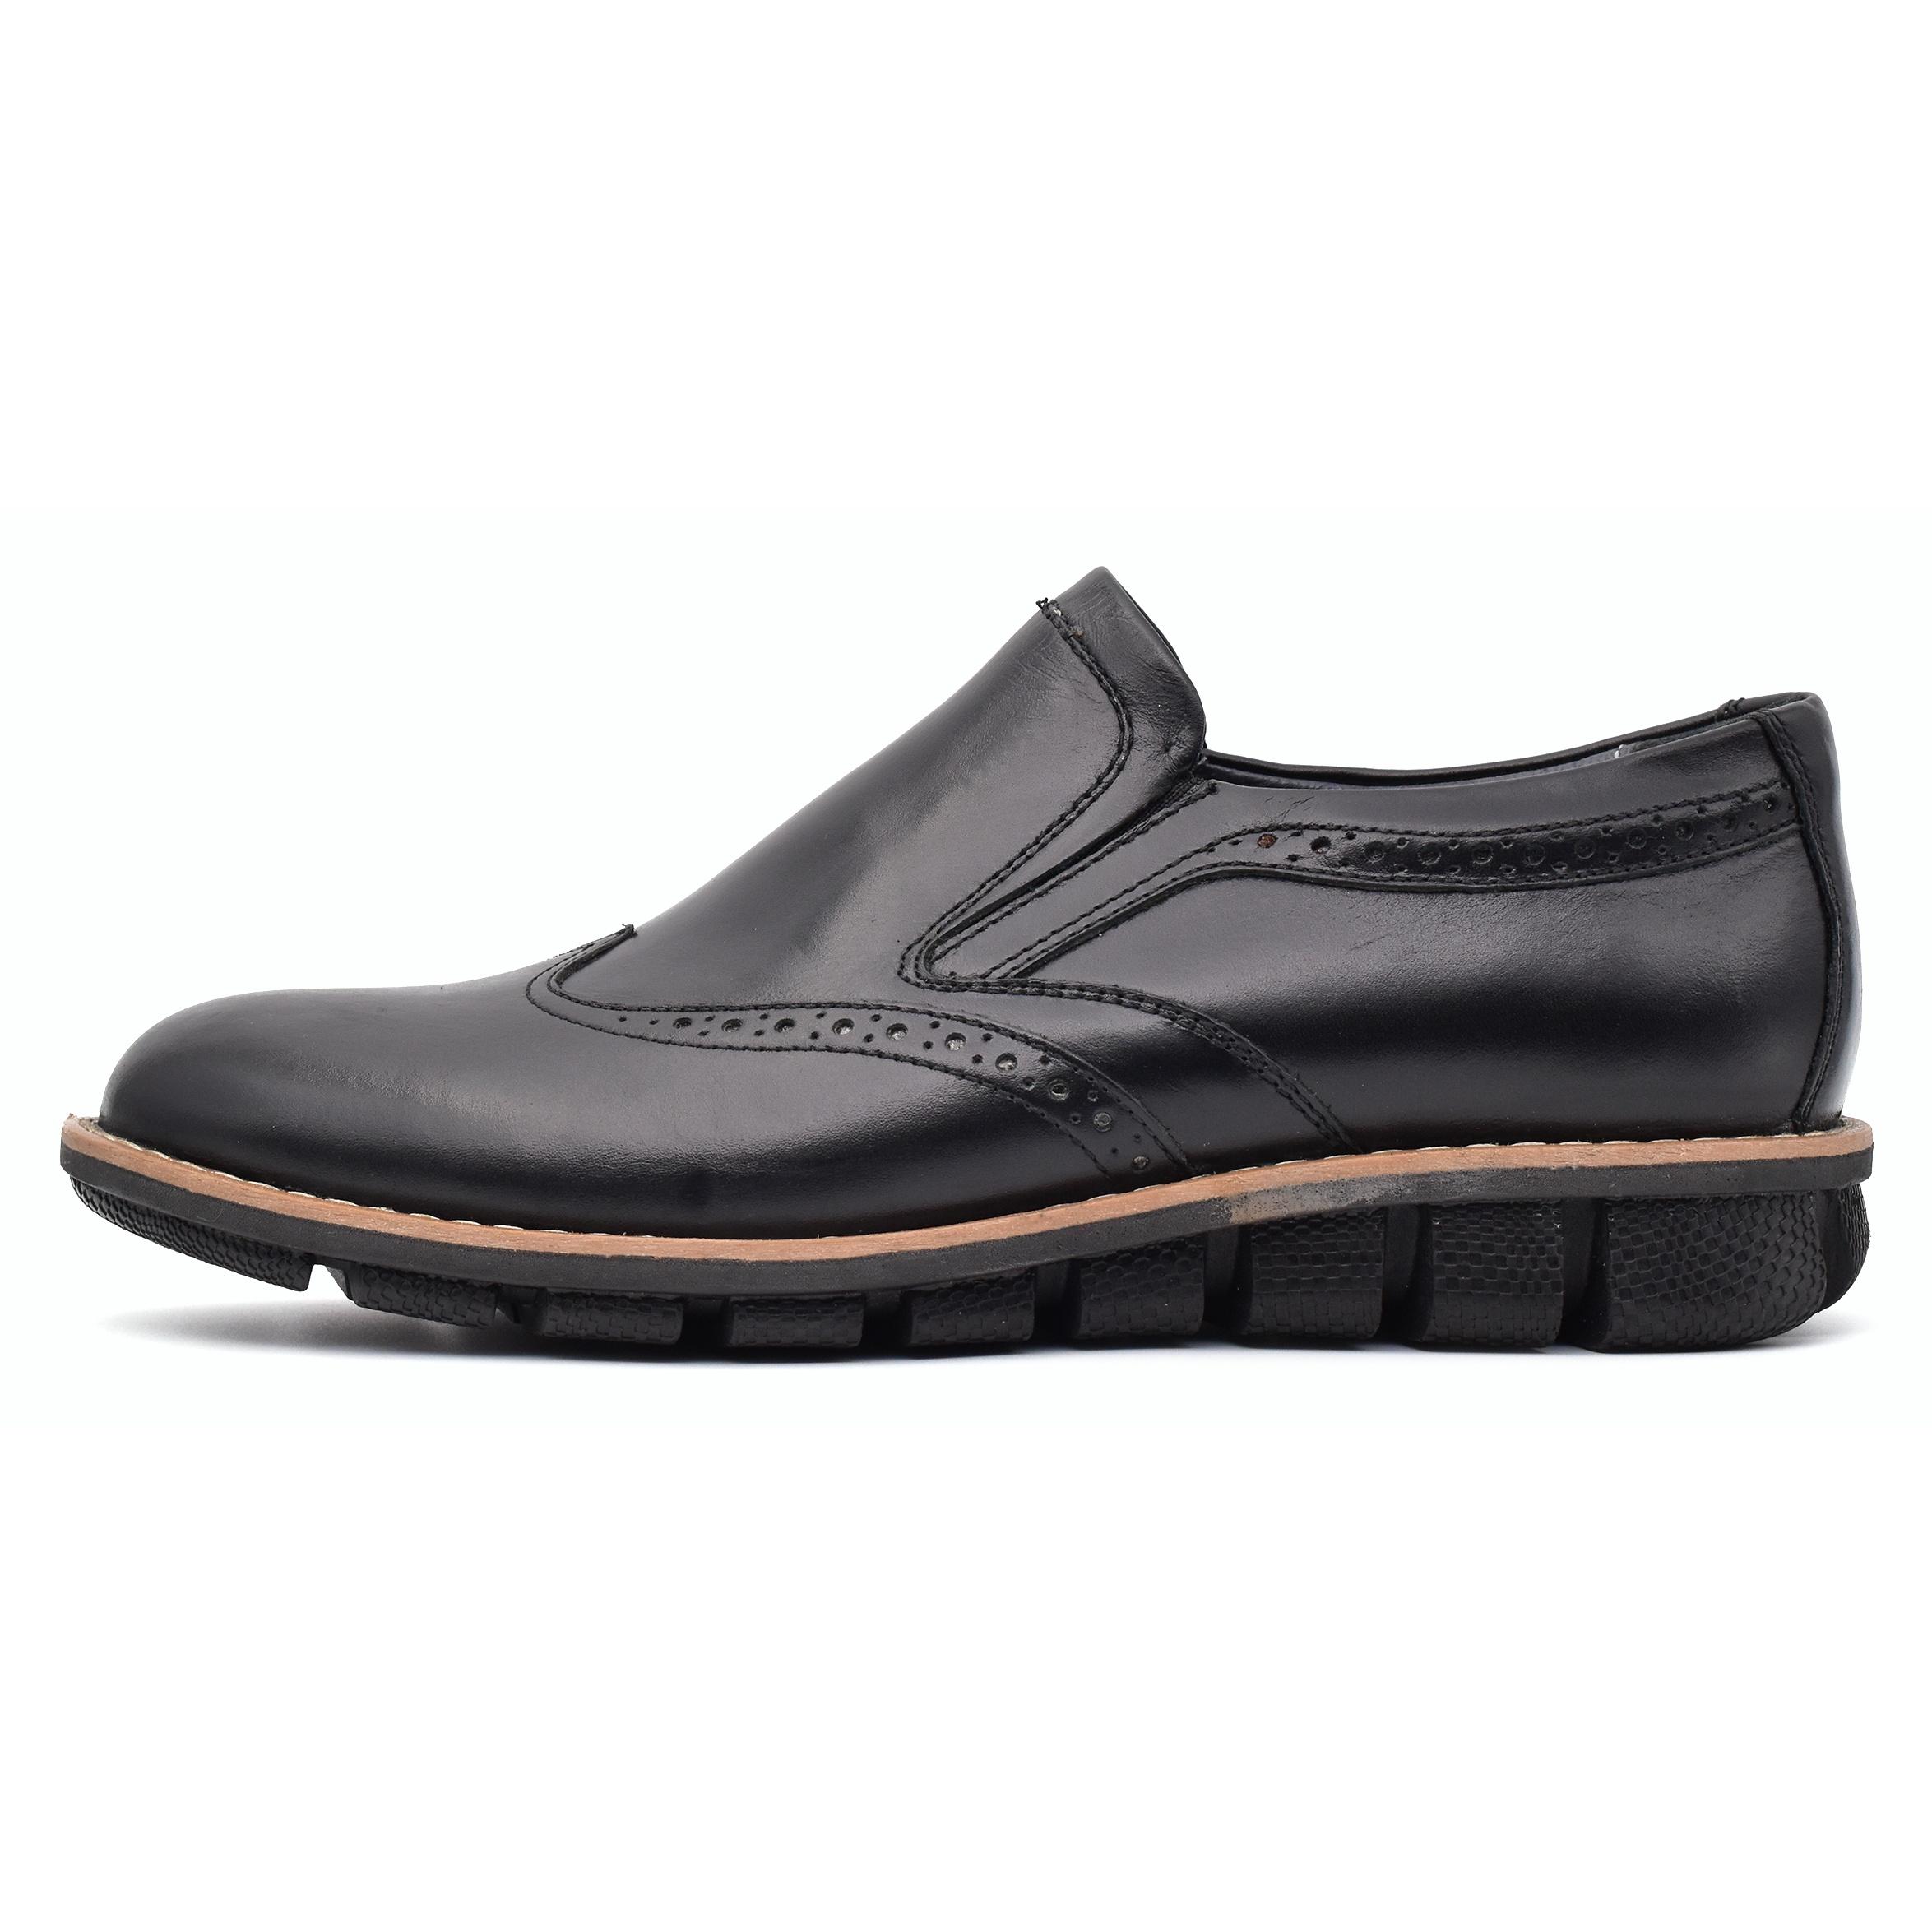 کفش روزمره مردانه البرز مدل آلفرد کد 4955